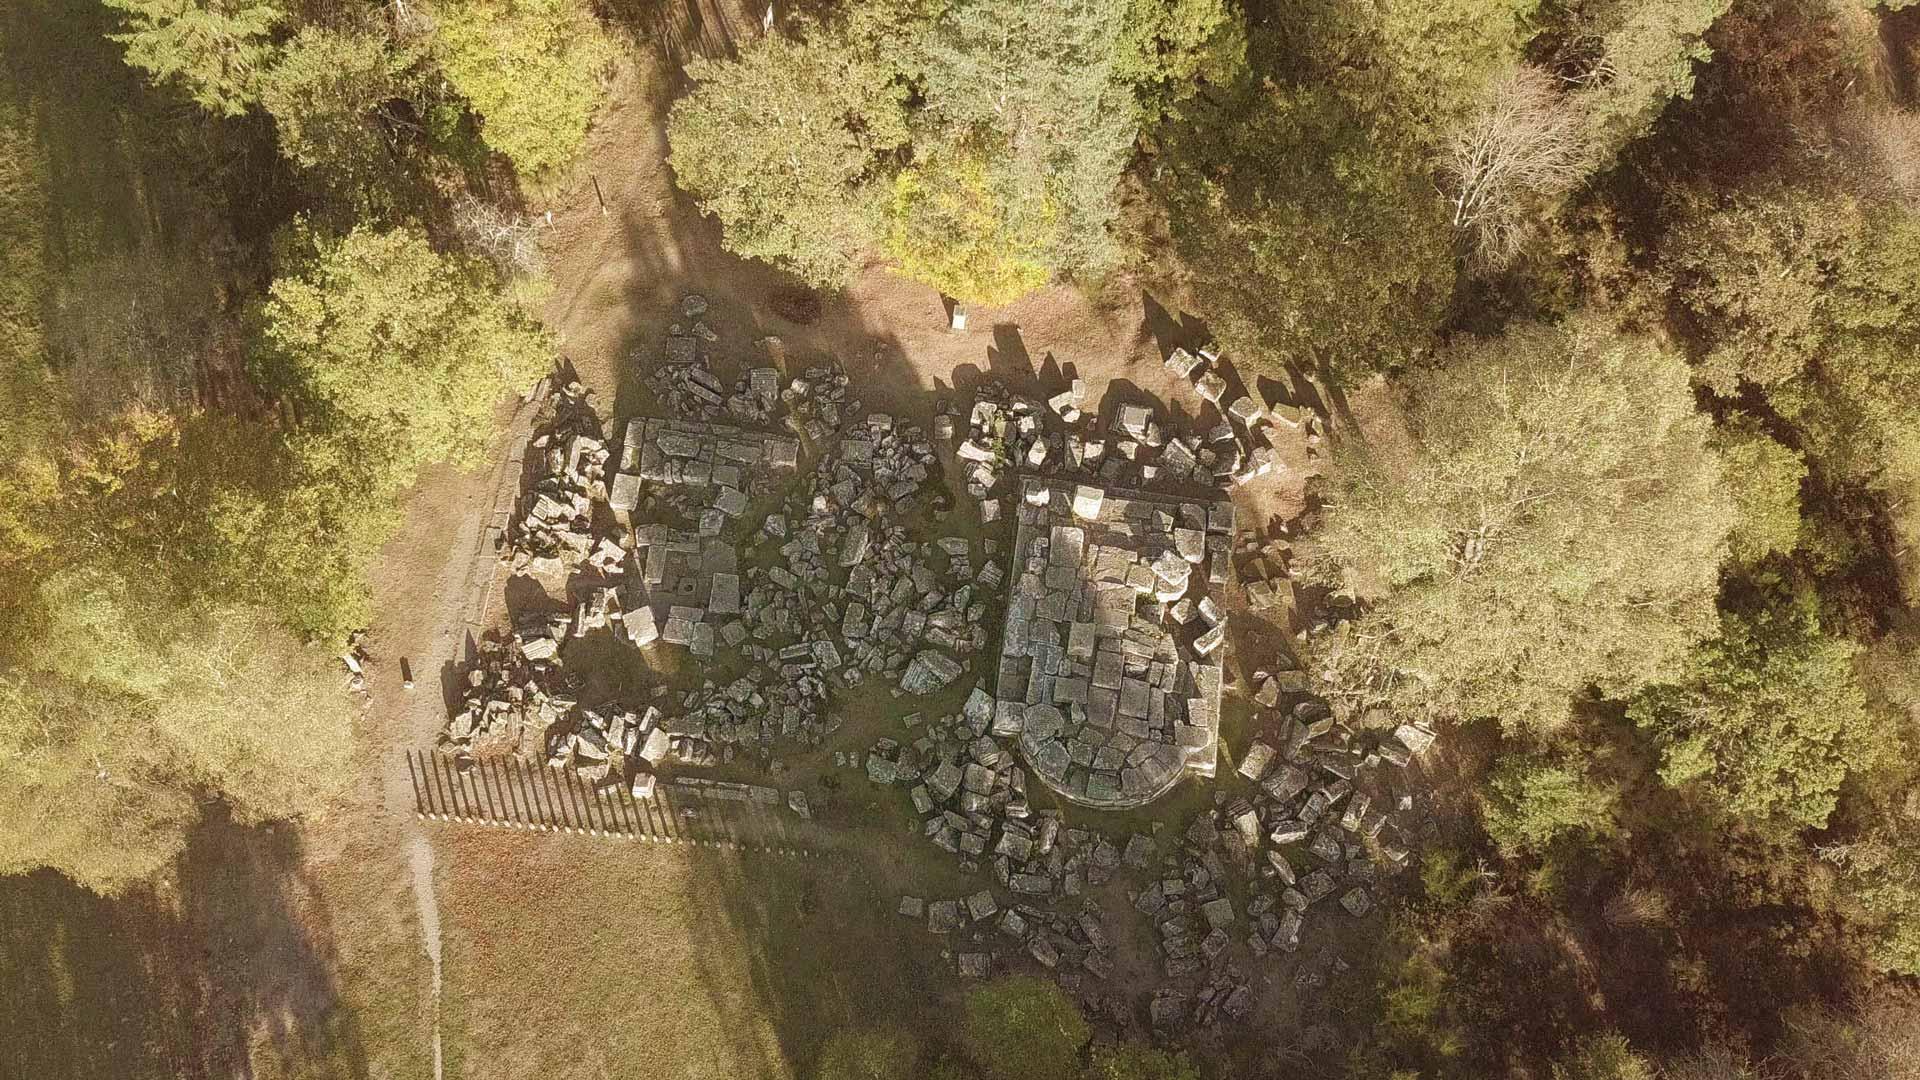 Vue aérienne du site gallo-romain des Cars : les tombeaux